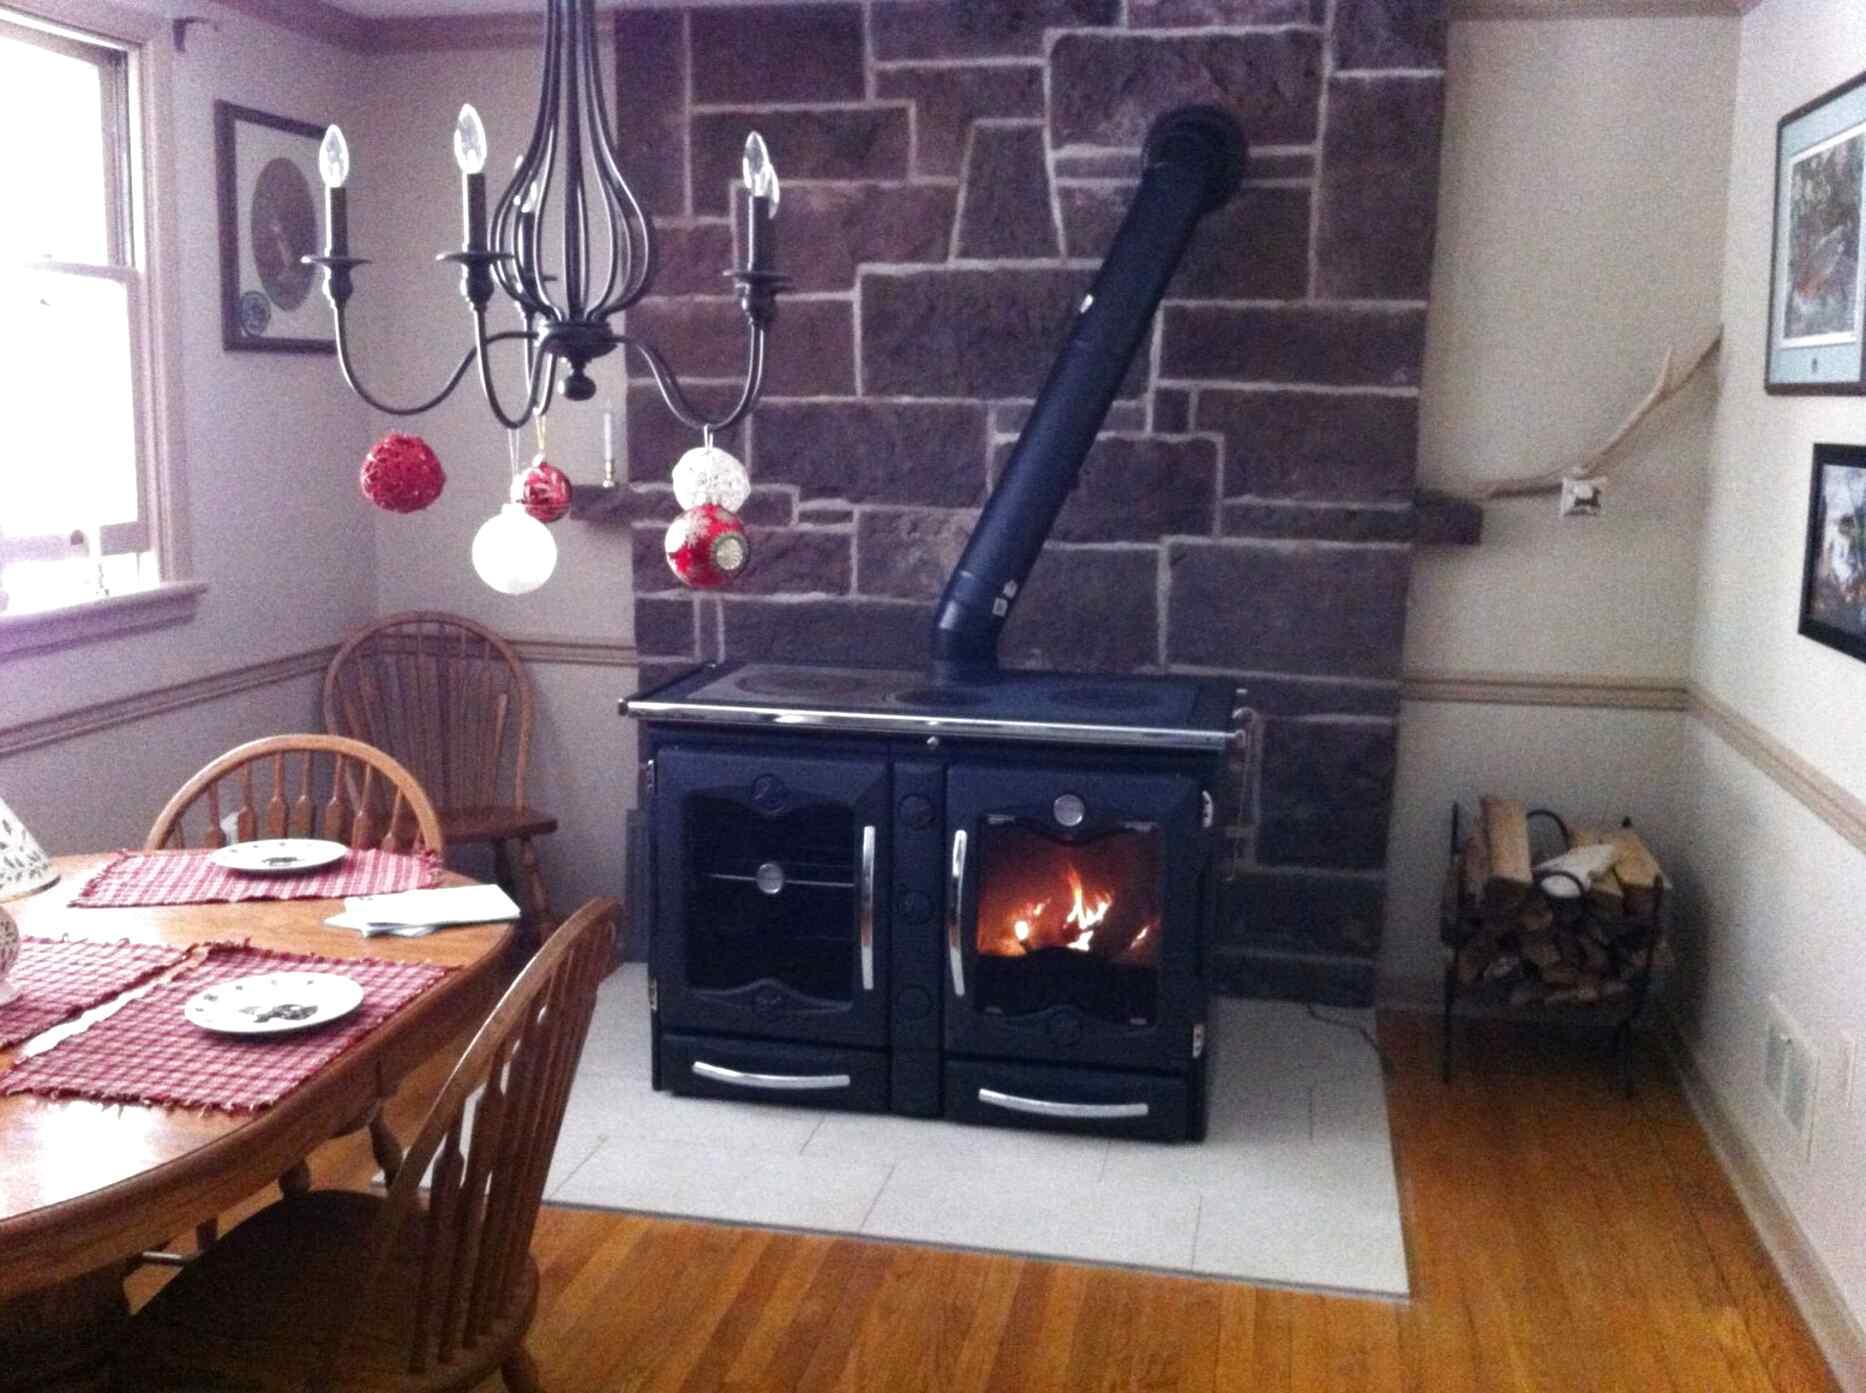 la nordica stove oven for sale